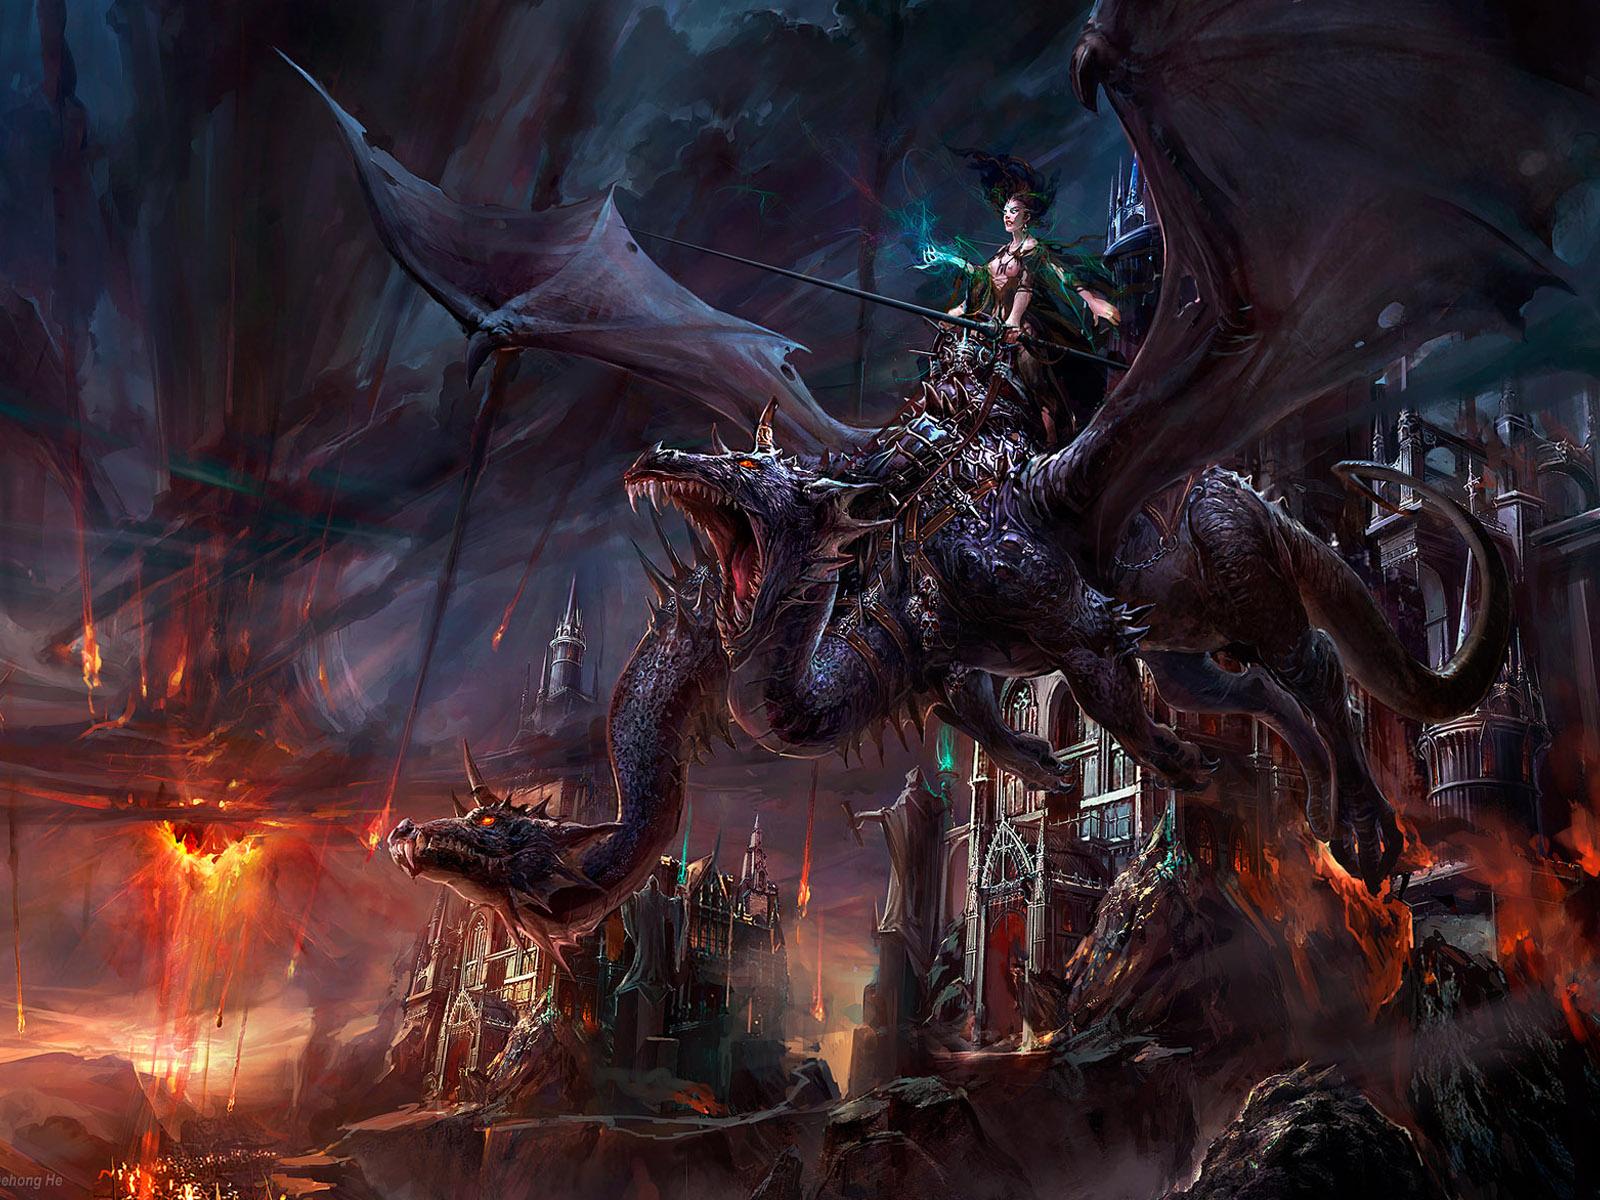 http://2.bp.blogspot.com/_9EVC1Jt2fJM/TR364TDoieI/AAAAAAAAAK4/0RLMyEuFkmk/s1600/3d-wallpaper-dragon.jpg